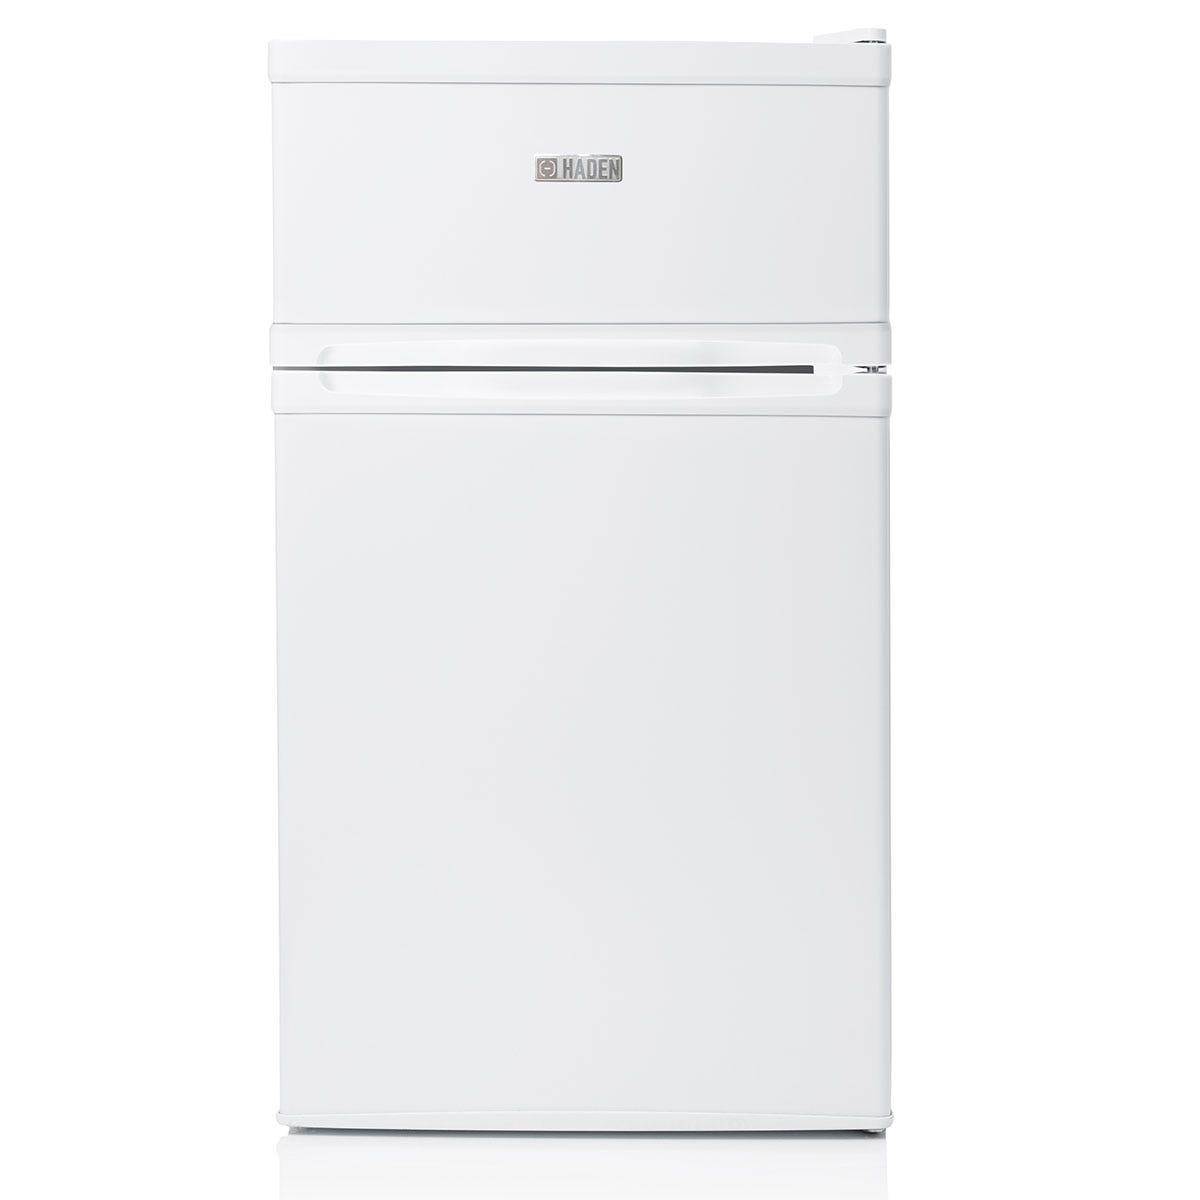 Haden HR113W 47cm Under Counter Fridge Freezer - White